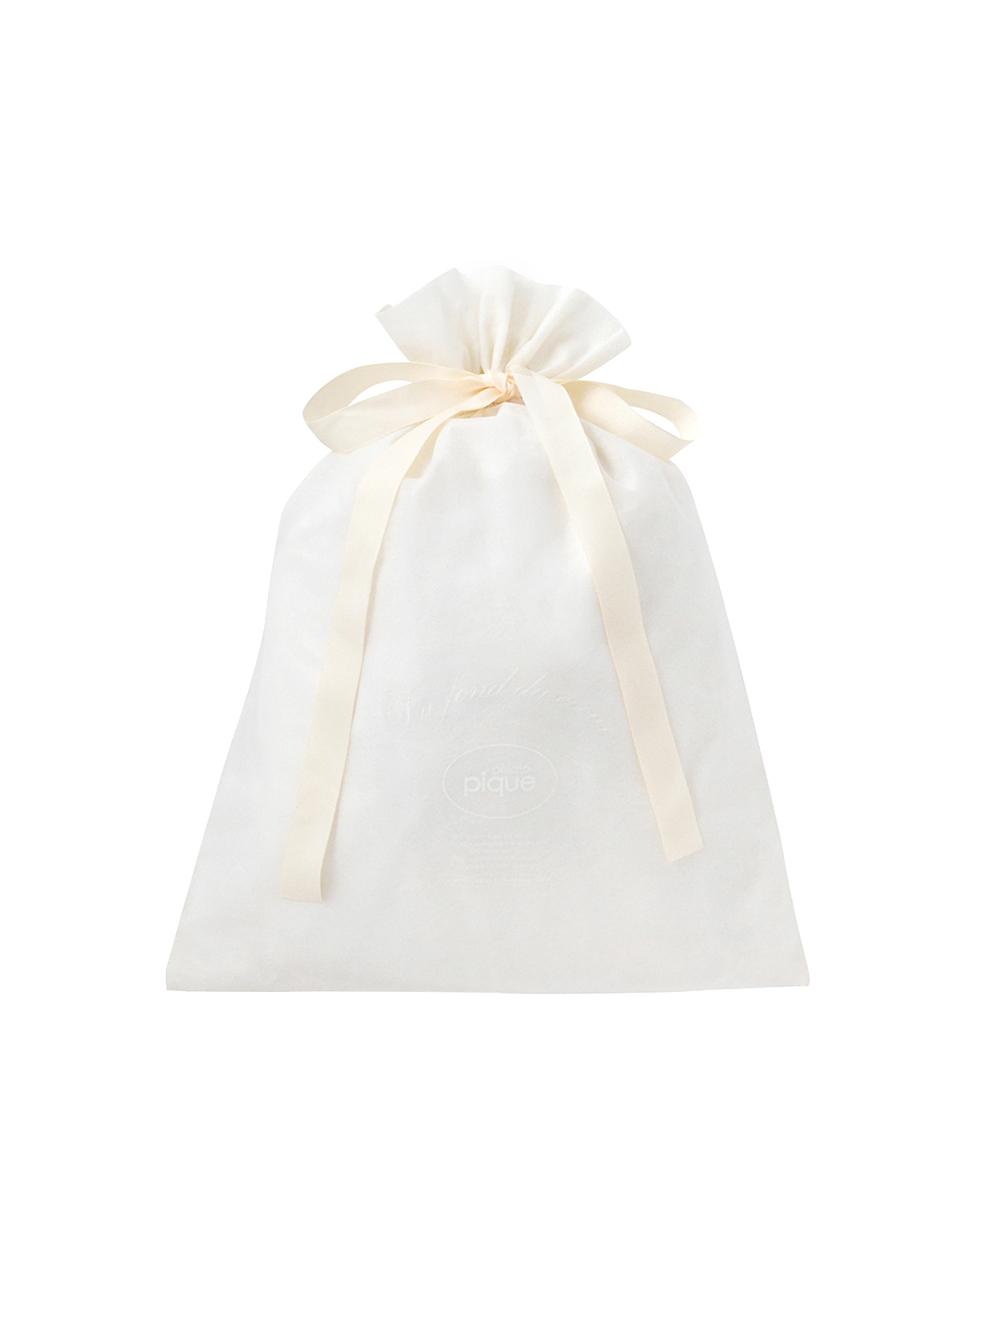 【ご自宅でラッピング】ギフト巾着(中)キット サイズ 400×530